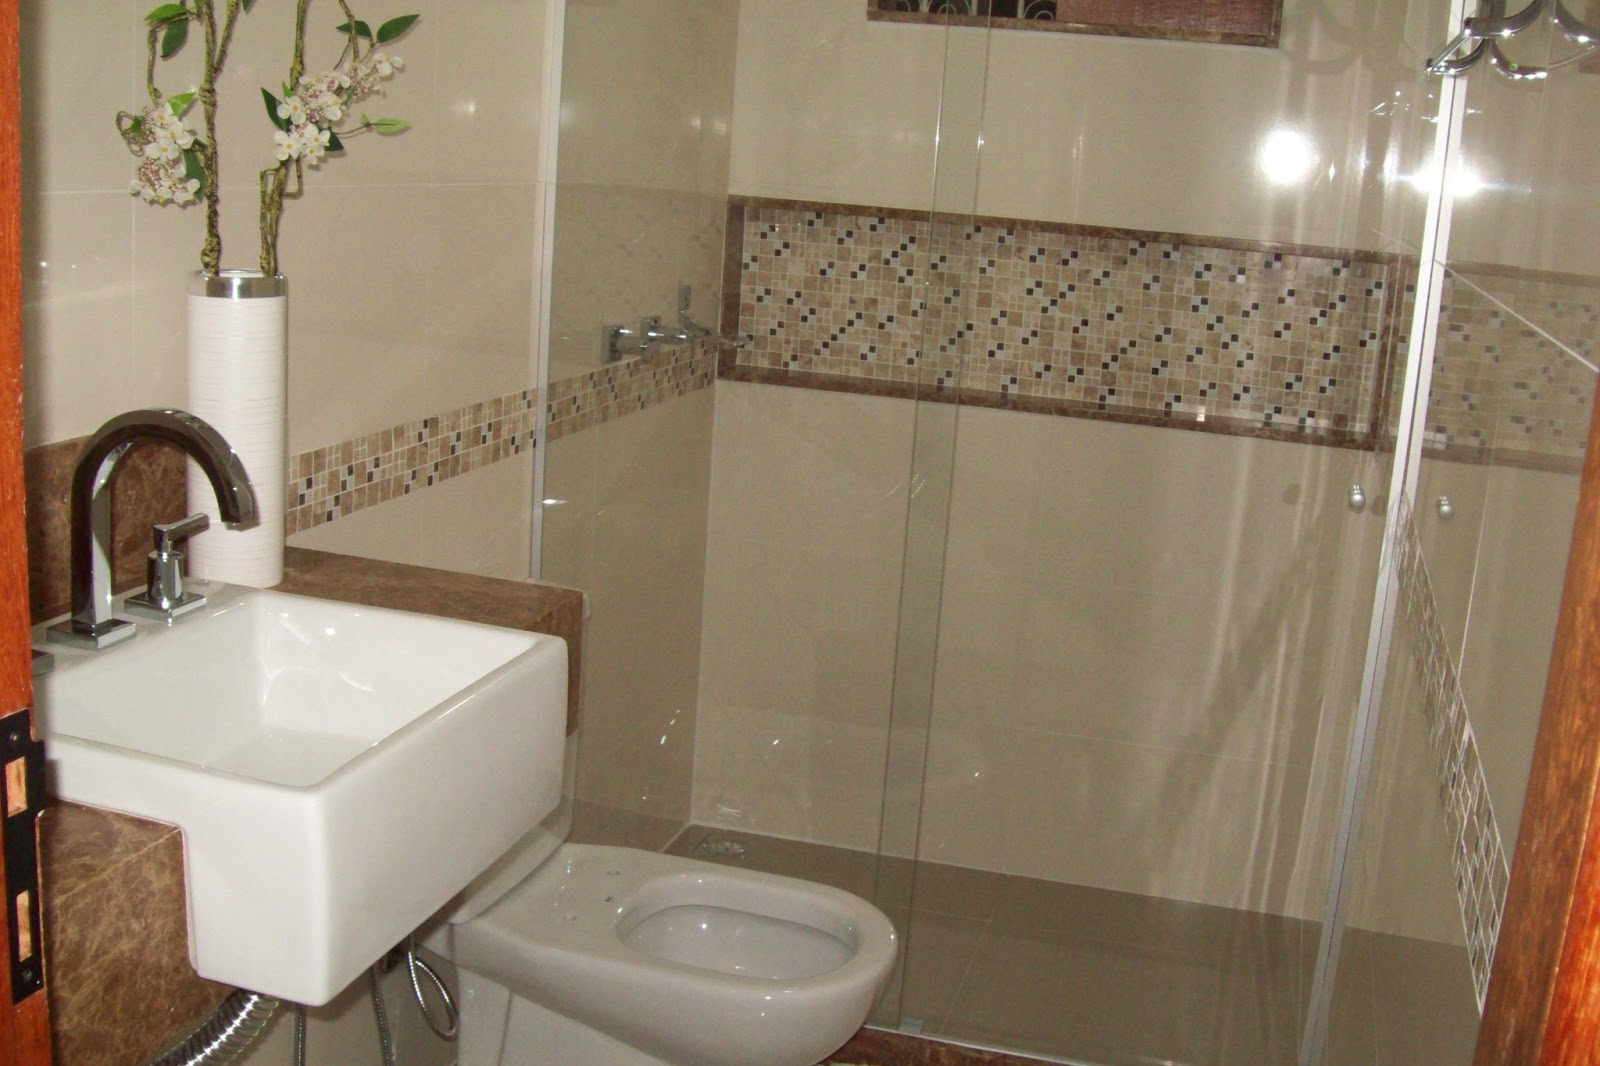 Construções Domingos: Banheiro com Nicho #AF471C 1600x1066 Acabamento De Banheiro Meber